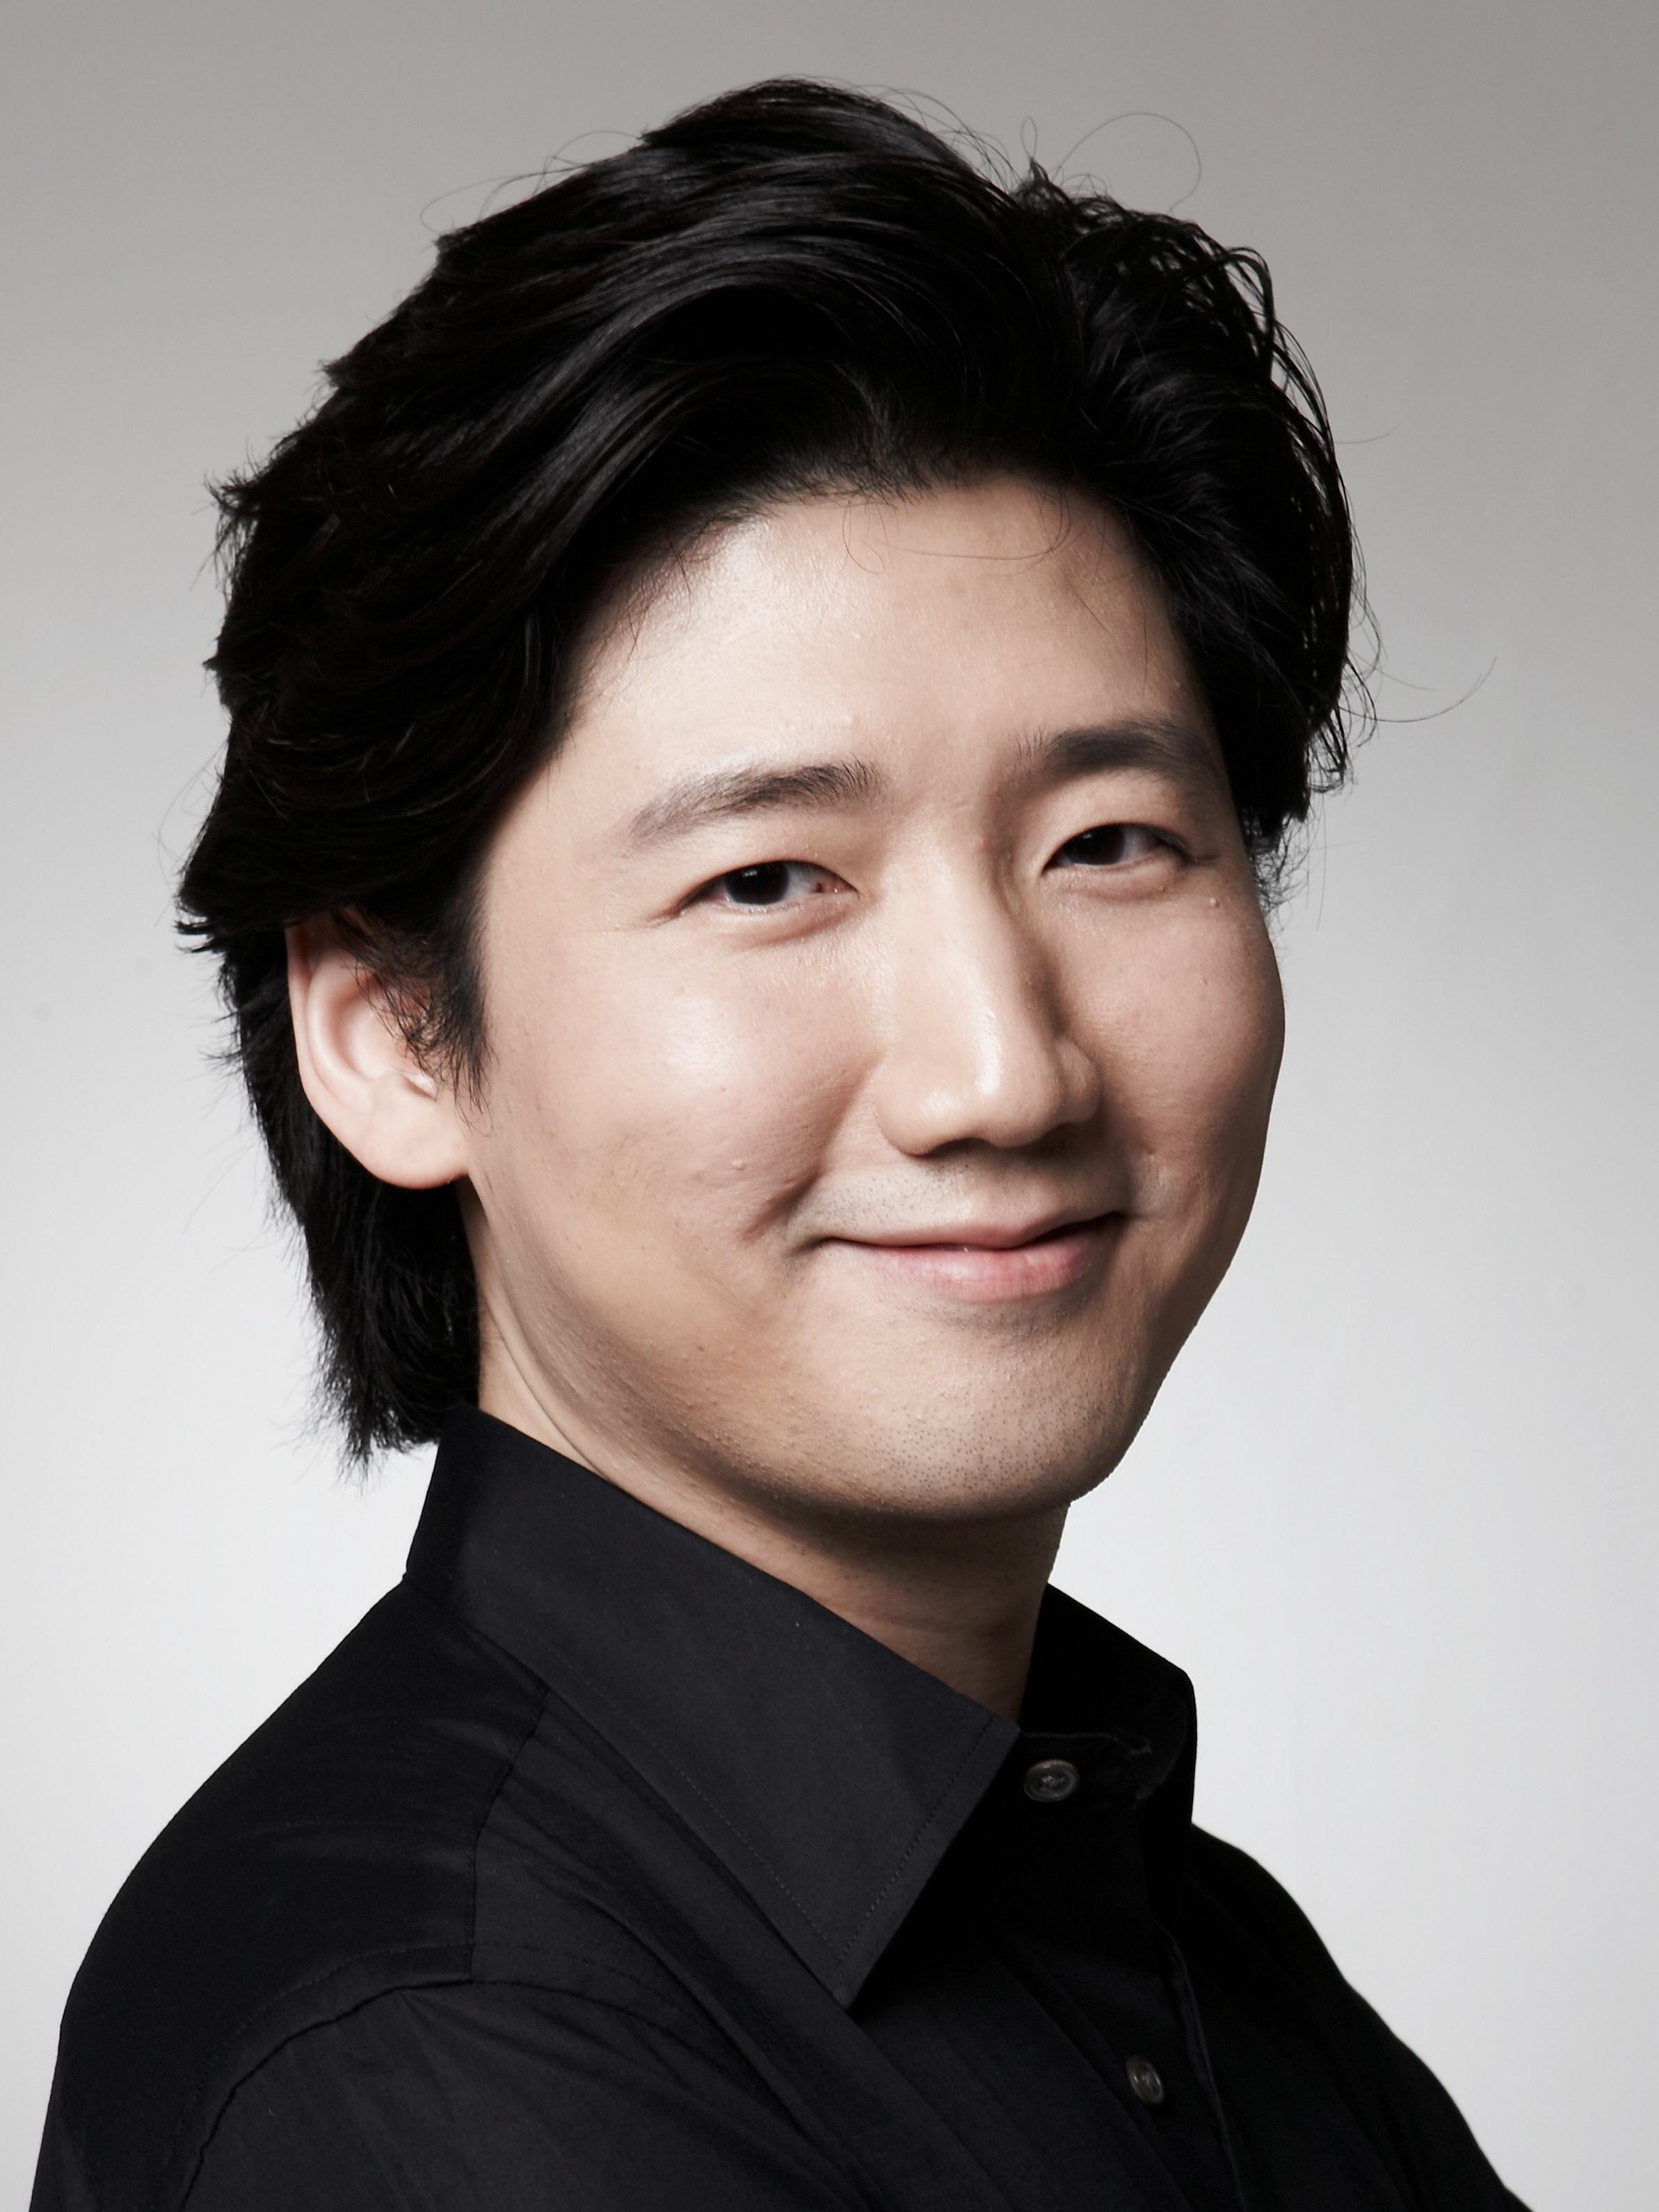 김원 프로필 사진